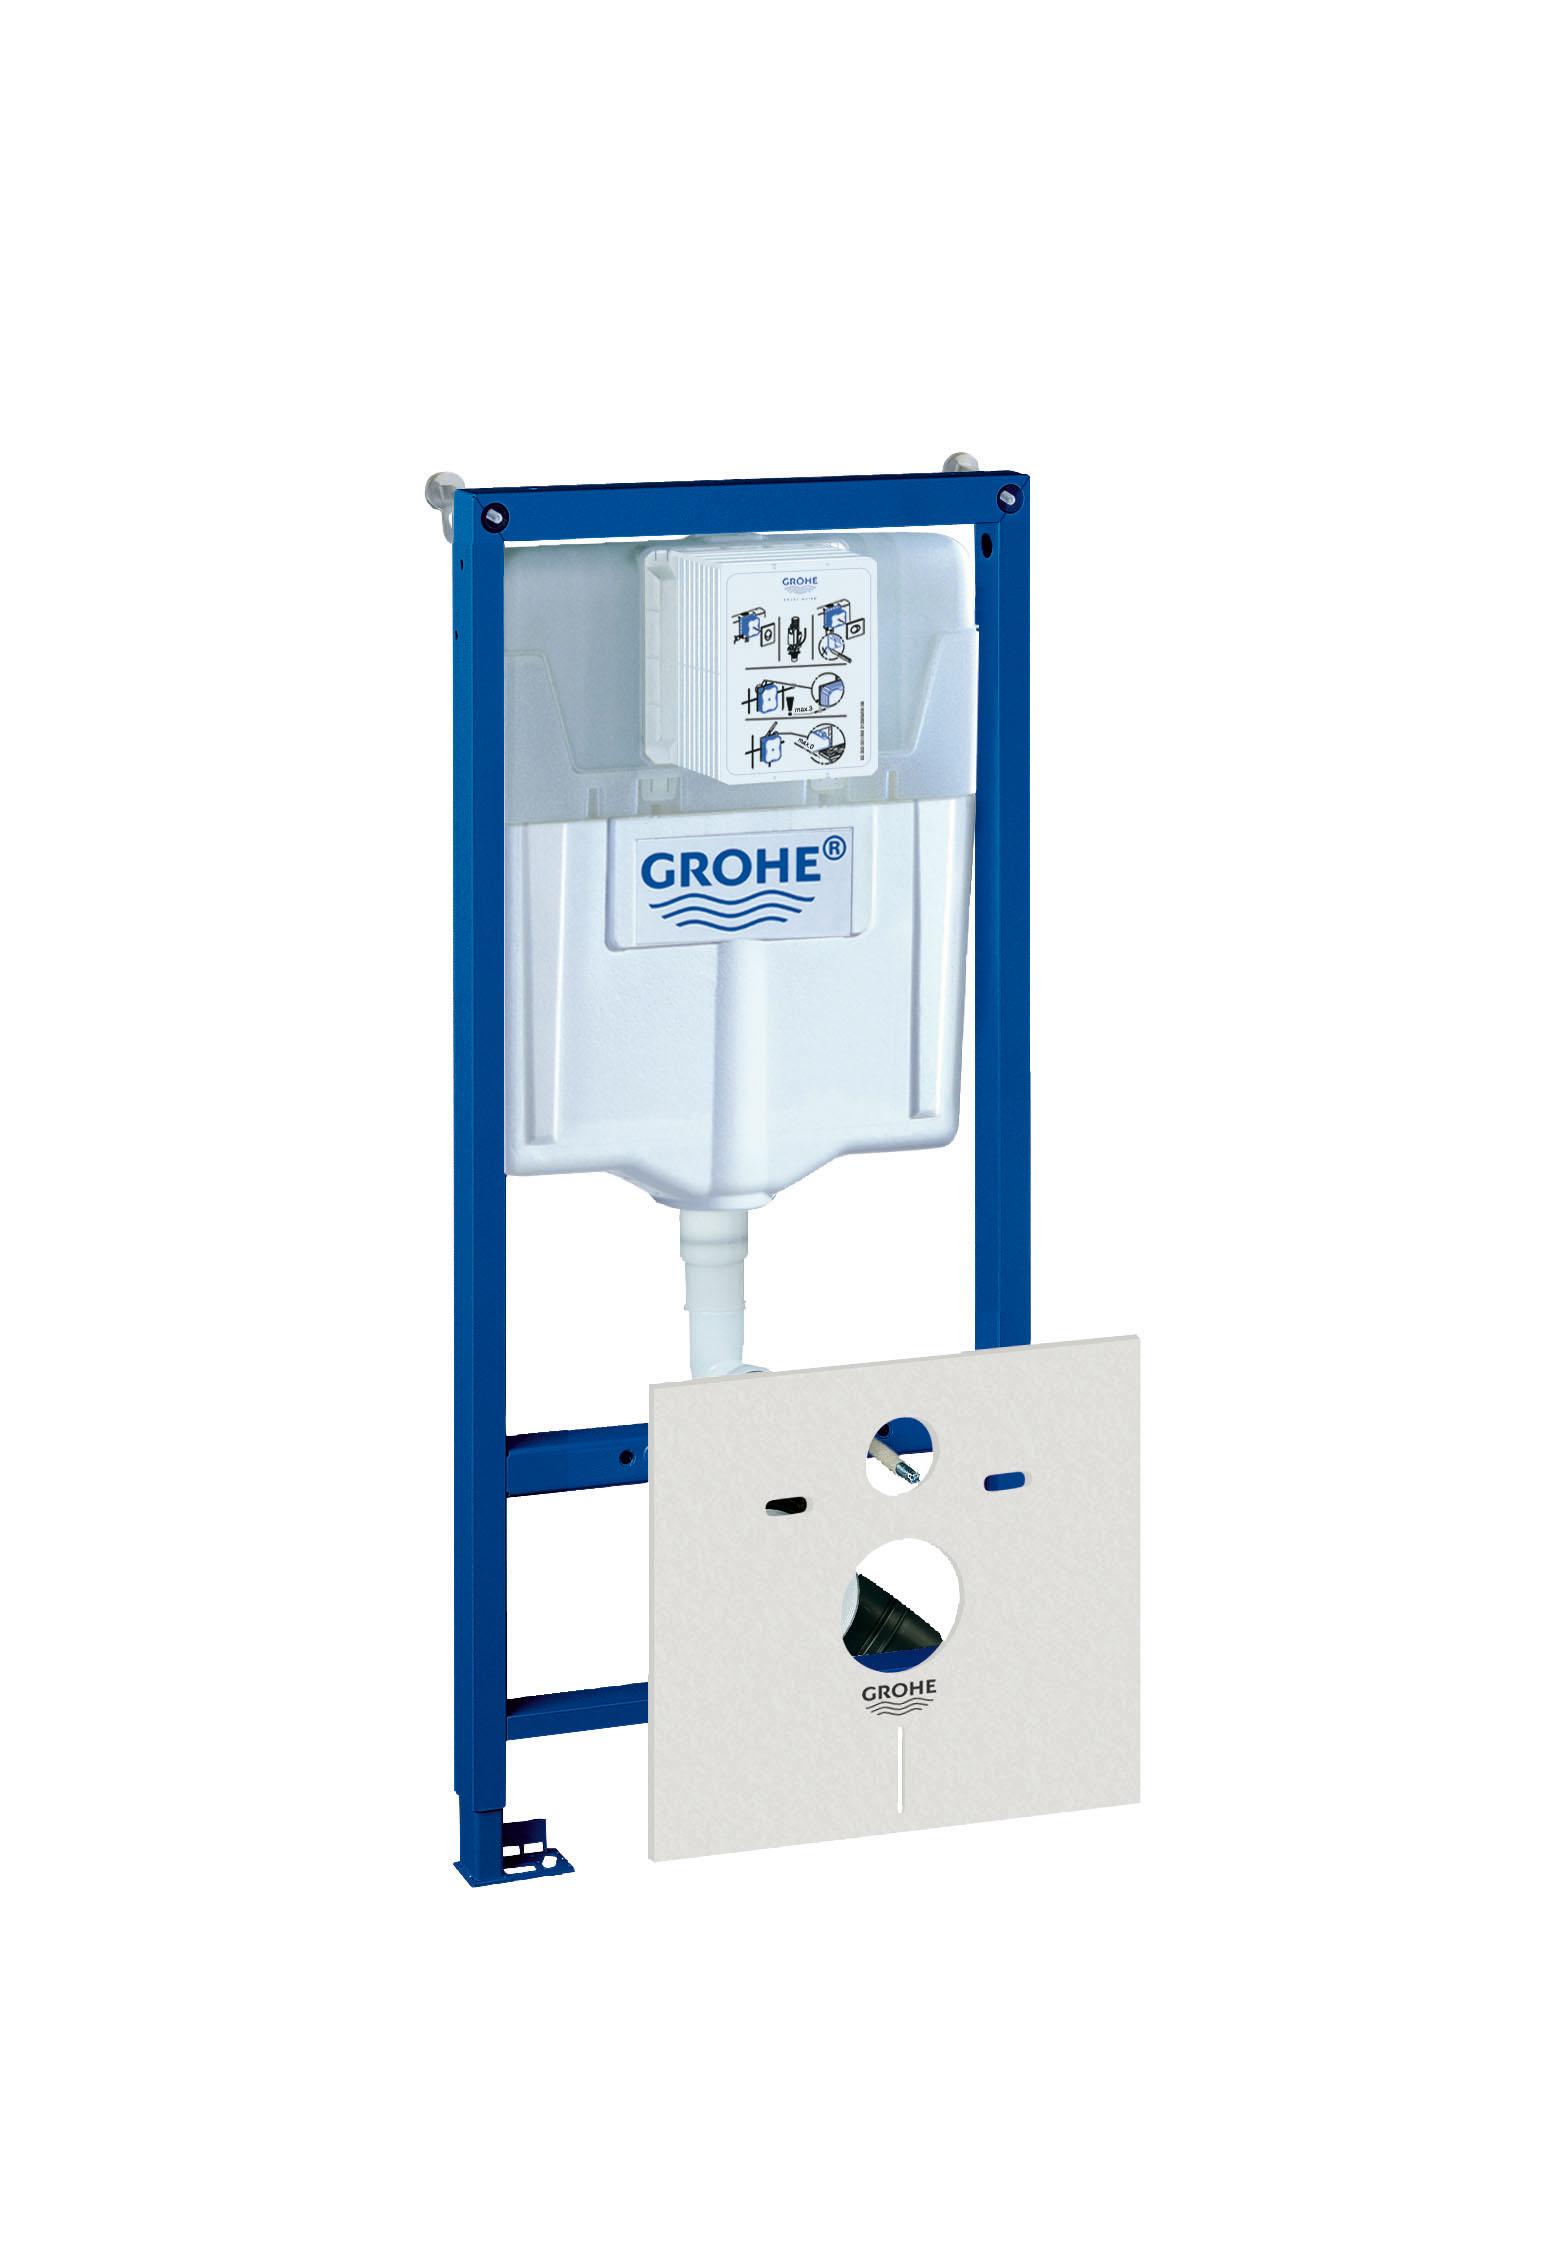 Инсталляция для унитаза Grohe Rapid sl 38539001 инсталляция grohe rapid sl 38840000 для подвесного унитаза